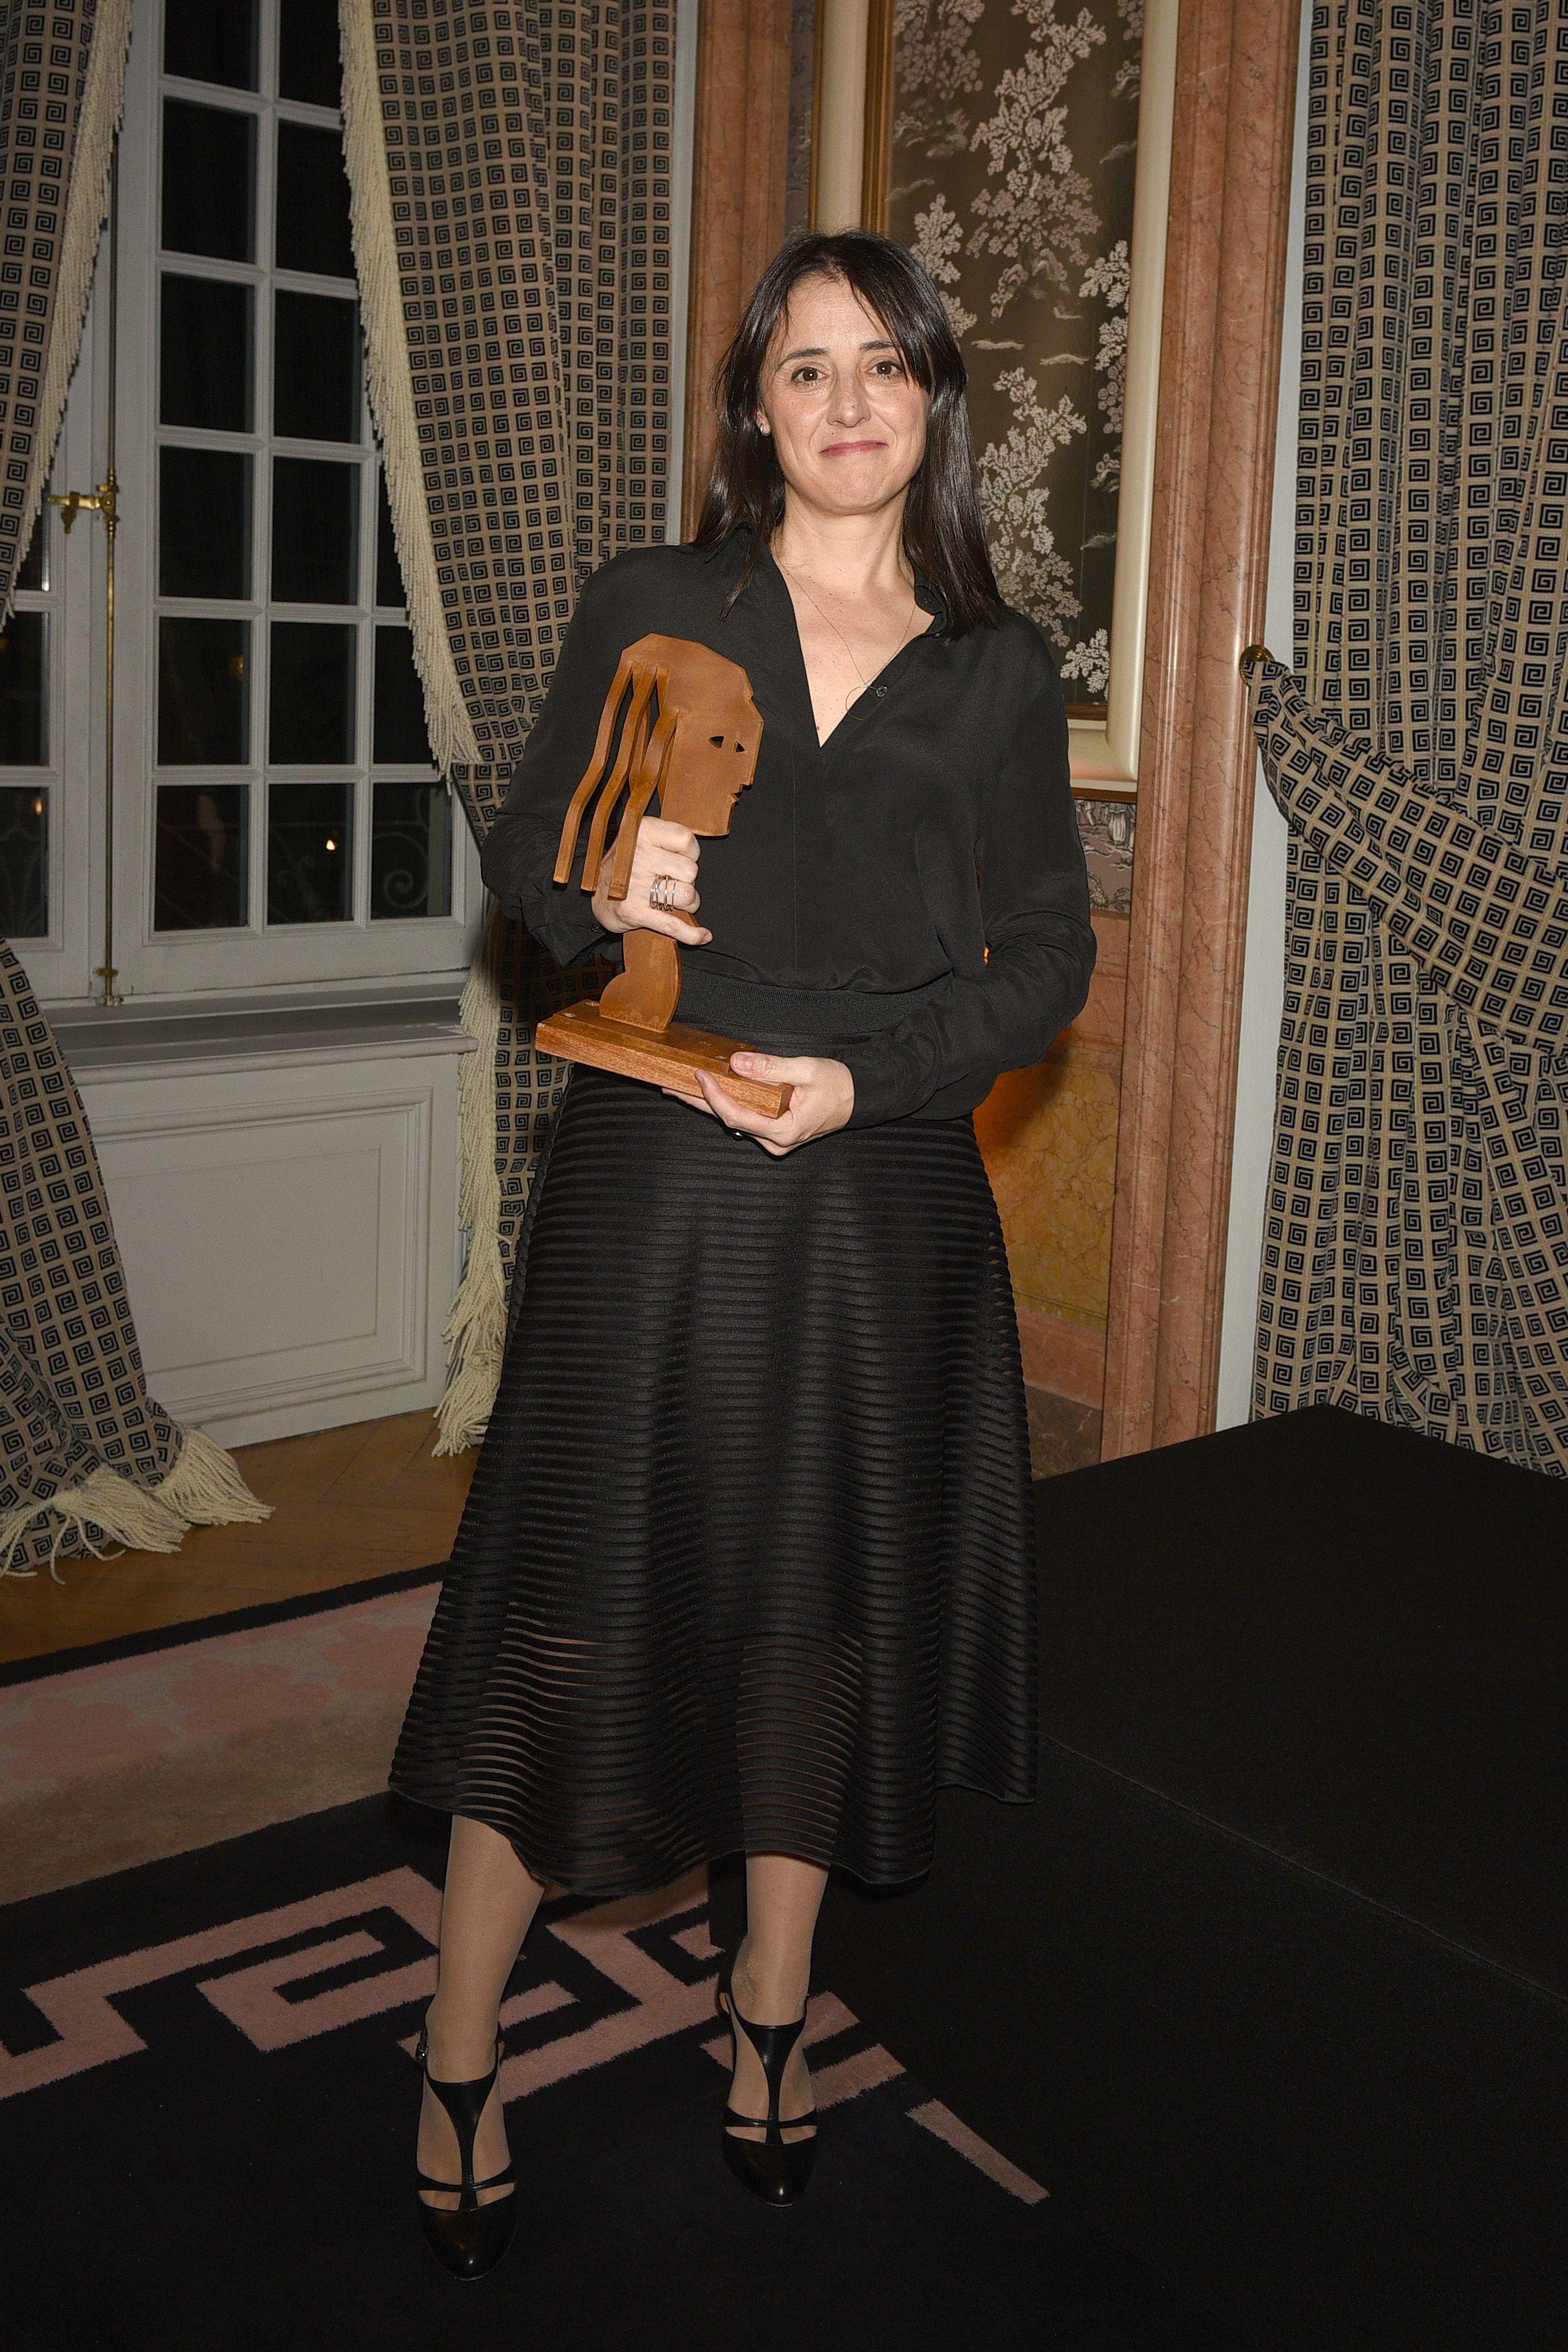 Belén Atienza Premio Mujer del Año de Fotogramas - 2018 Belén Atienza productora